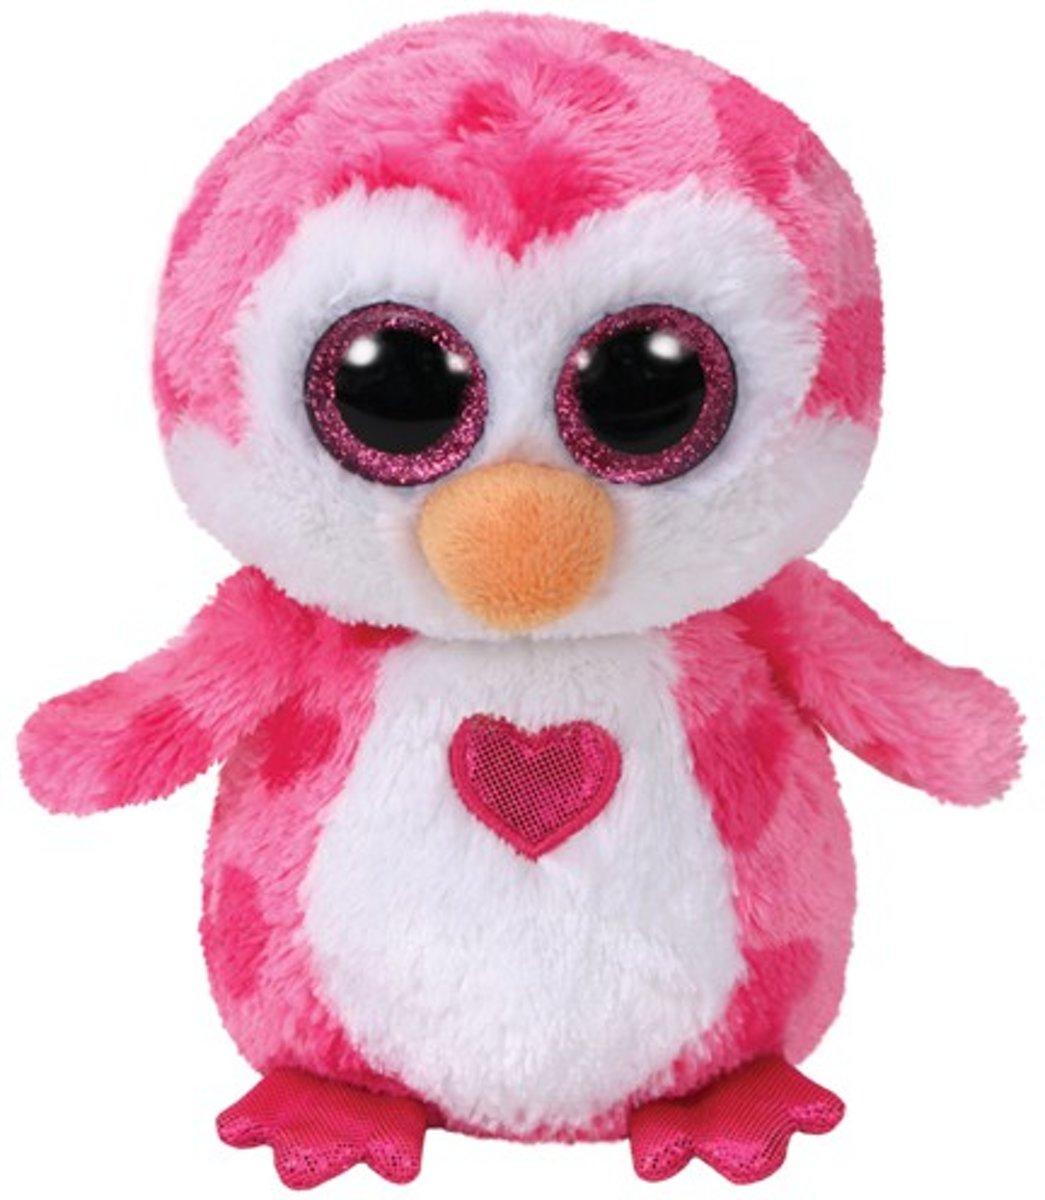 bb9f40794e9 Ty Beanie Boo Juliet pinguin 24cm - 8421371631